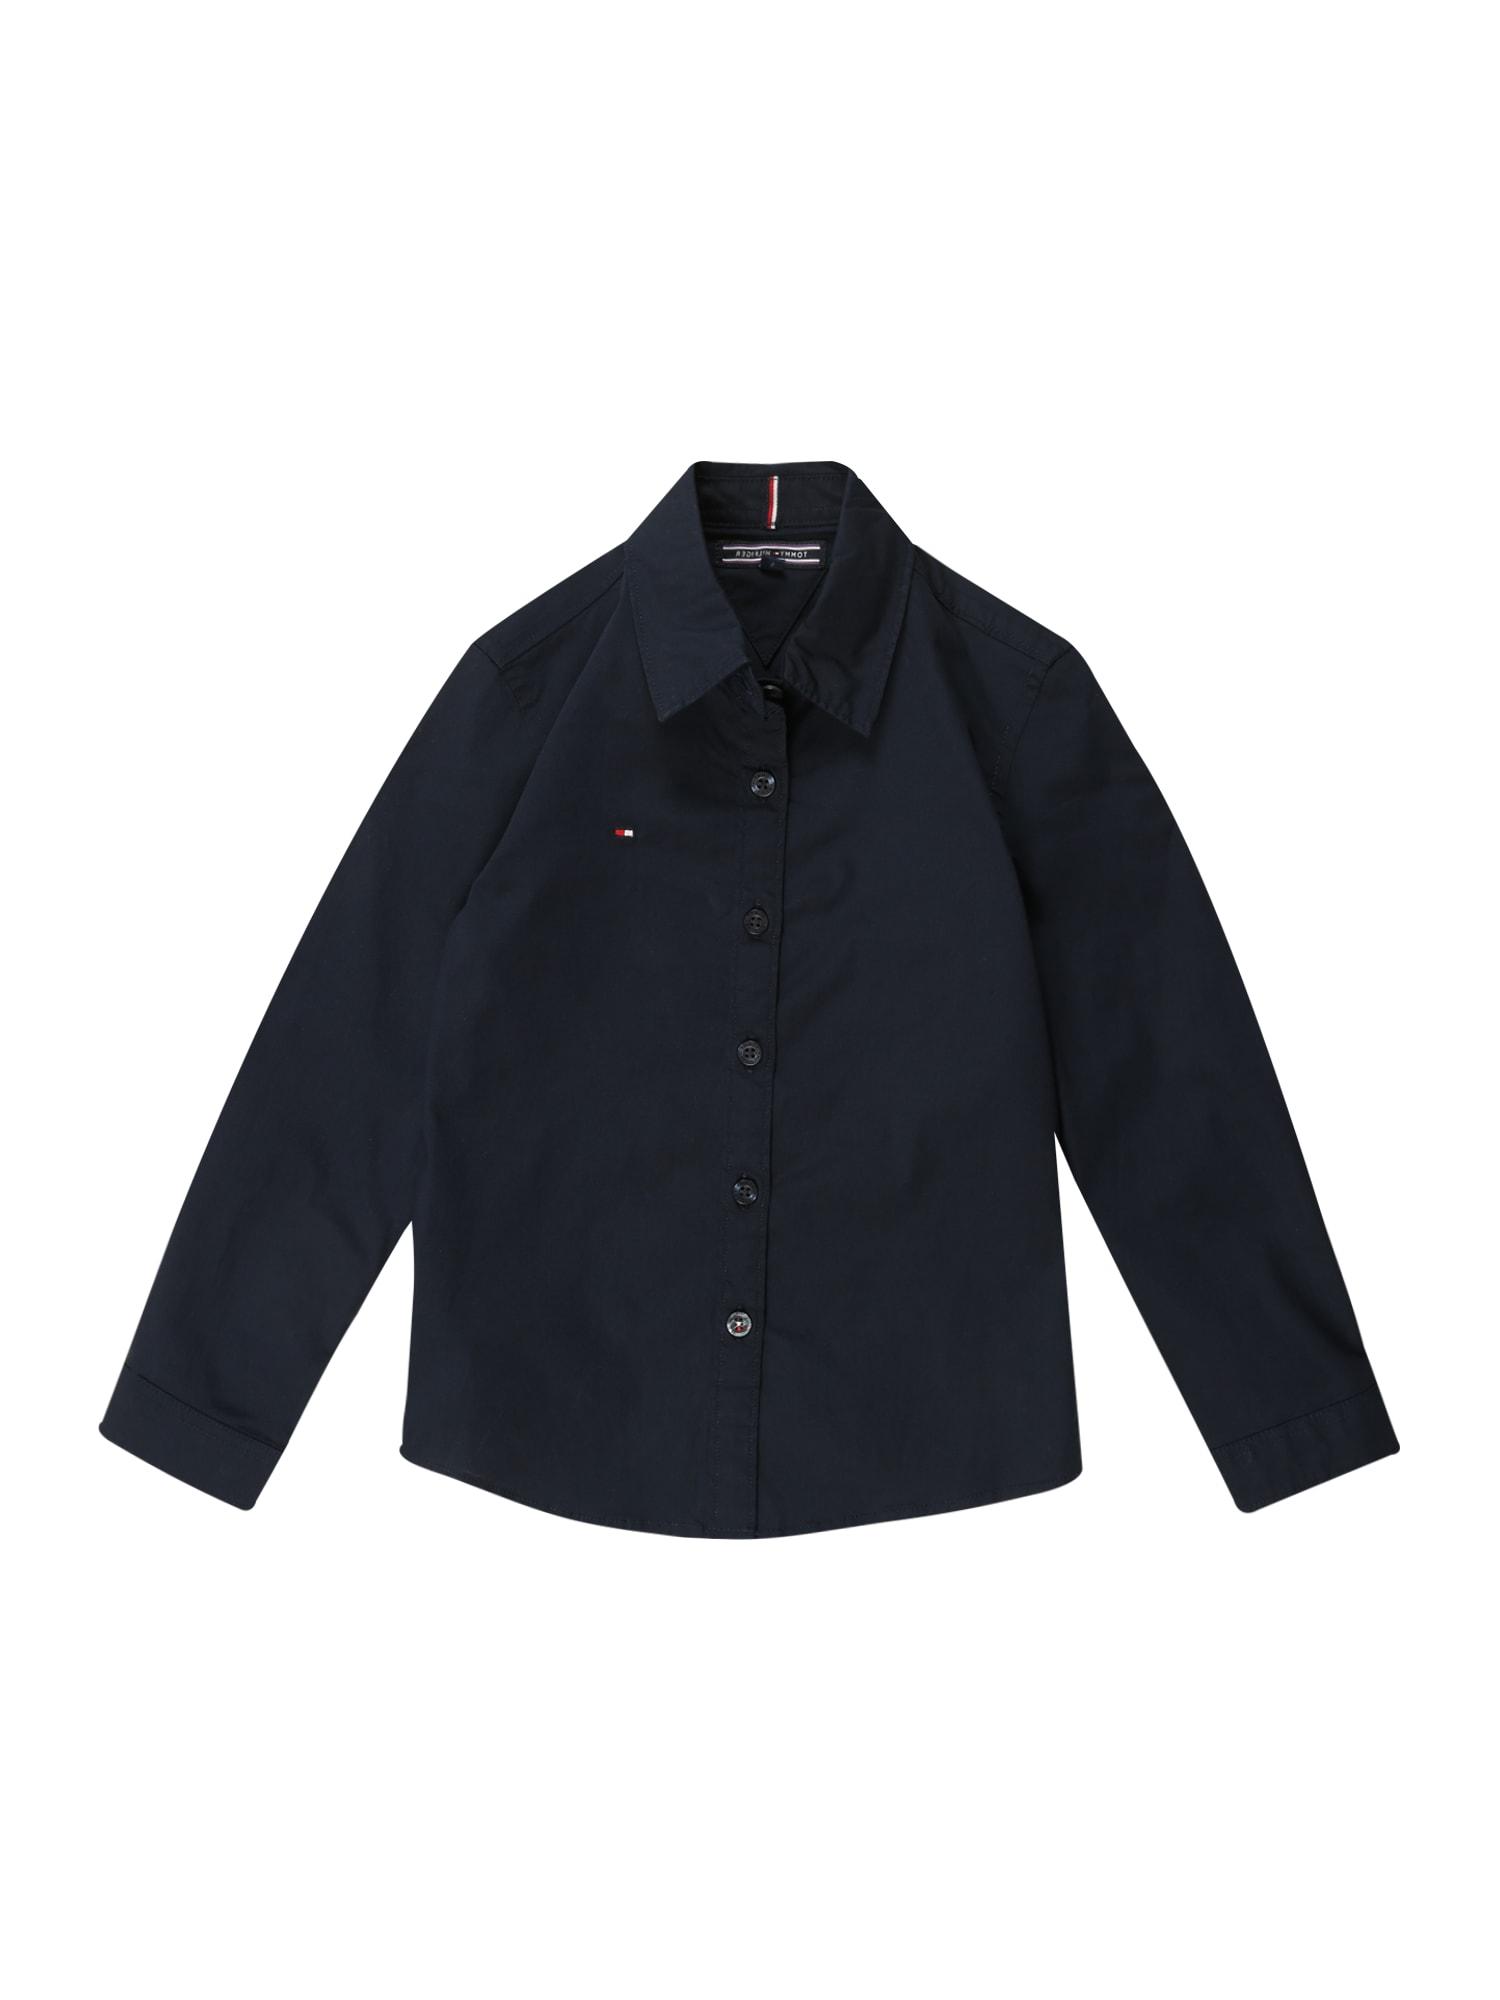 TOMMY HILFIGER Dalykiniai marškiniai mėlyna